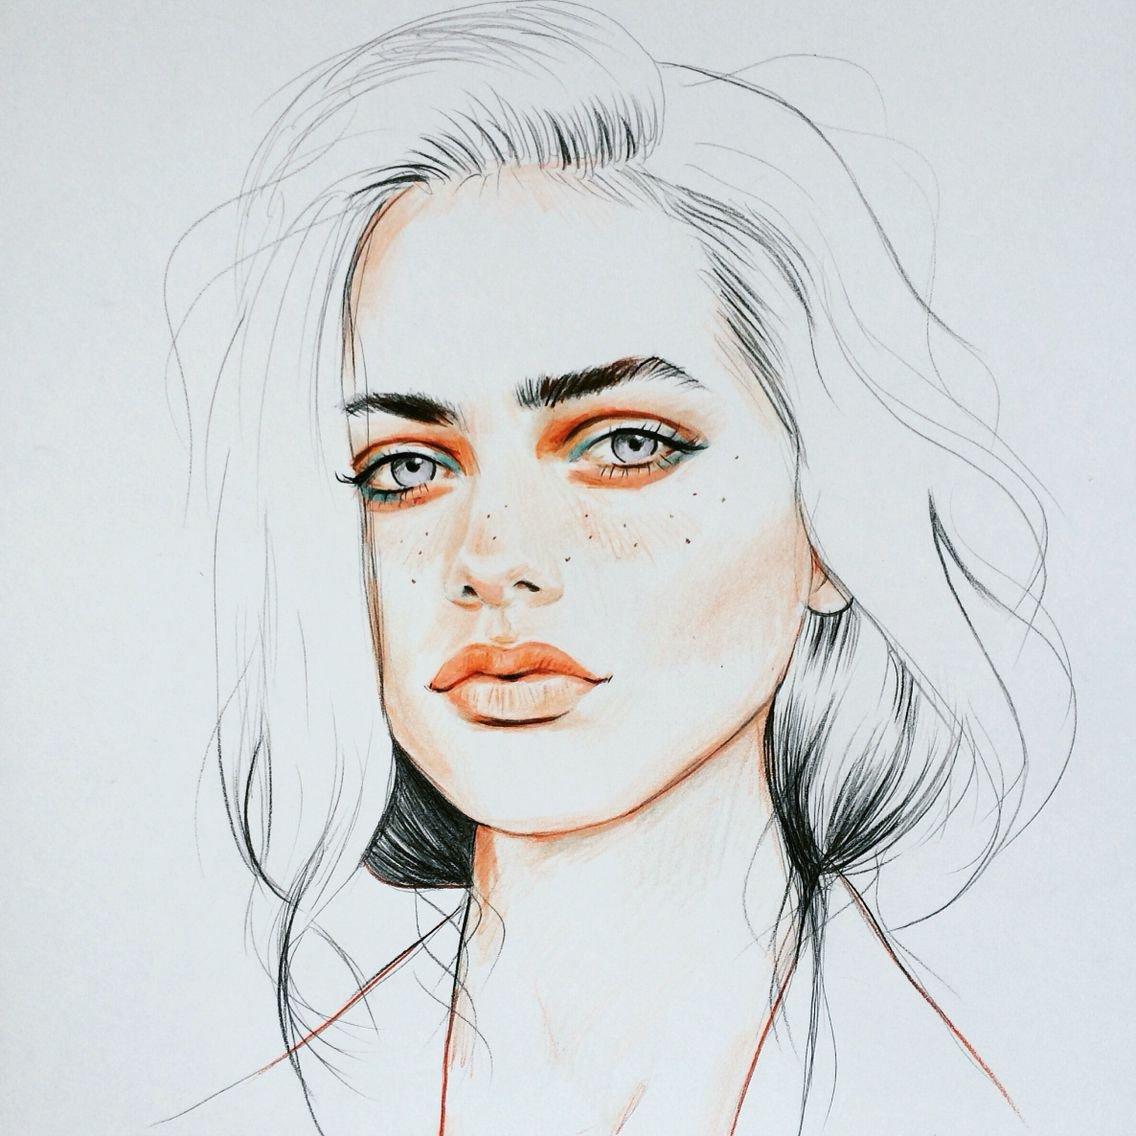 Sketch Of Girl Face Pinterest Noortjedr Drawing ️ Pinterest